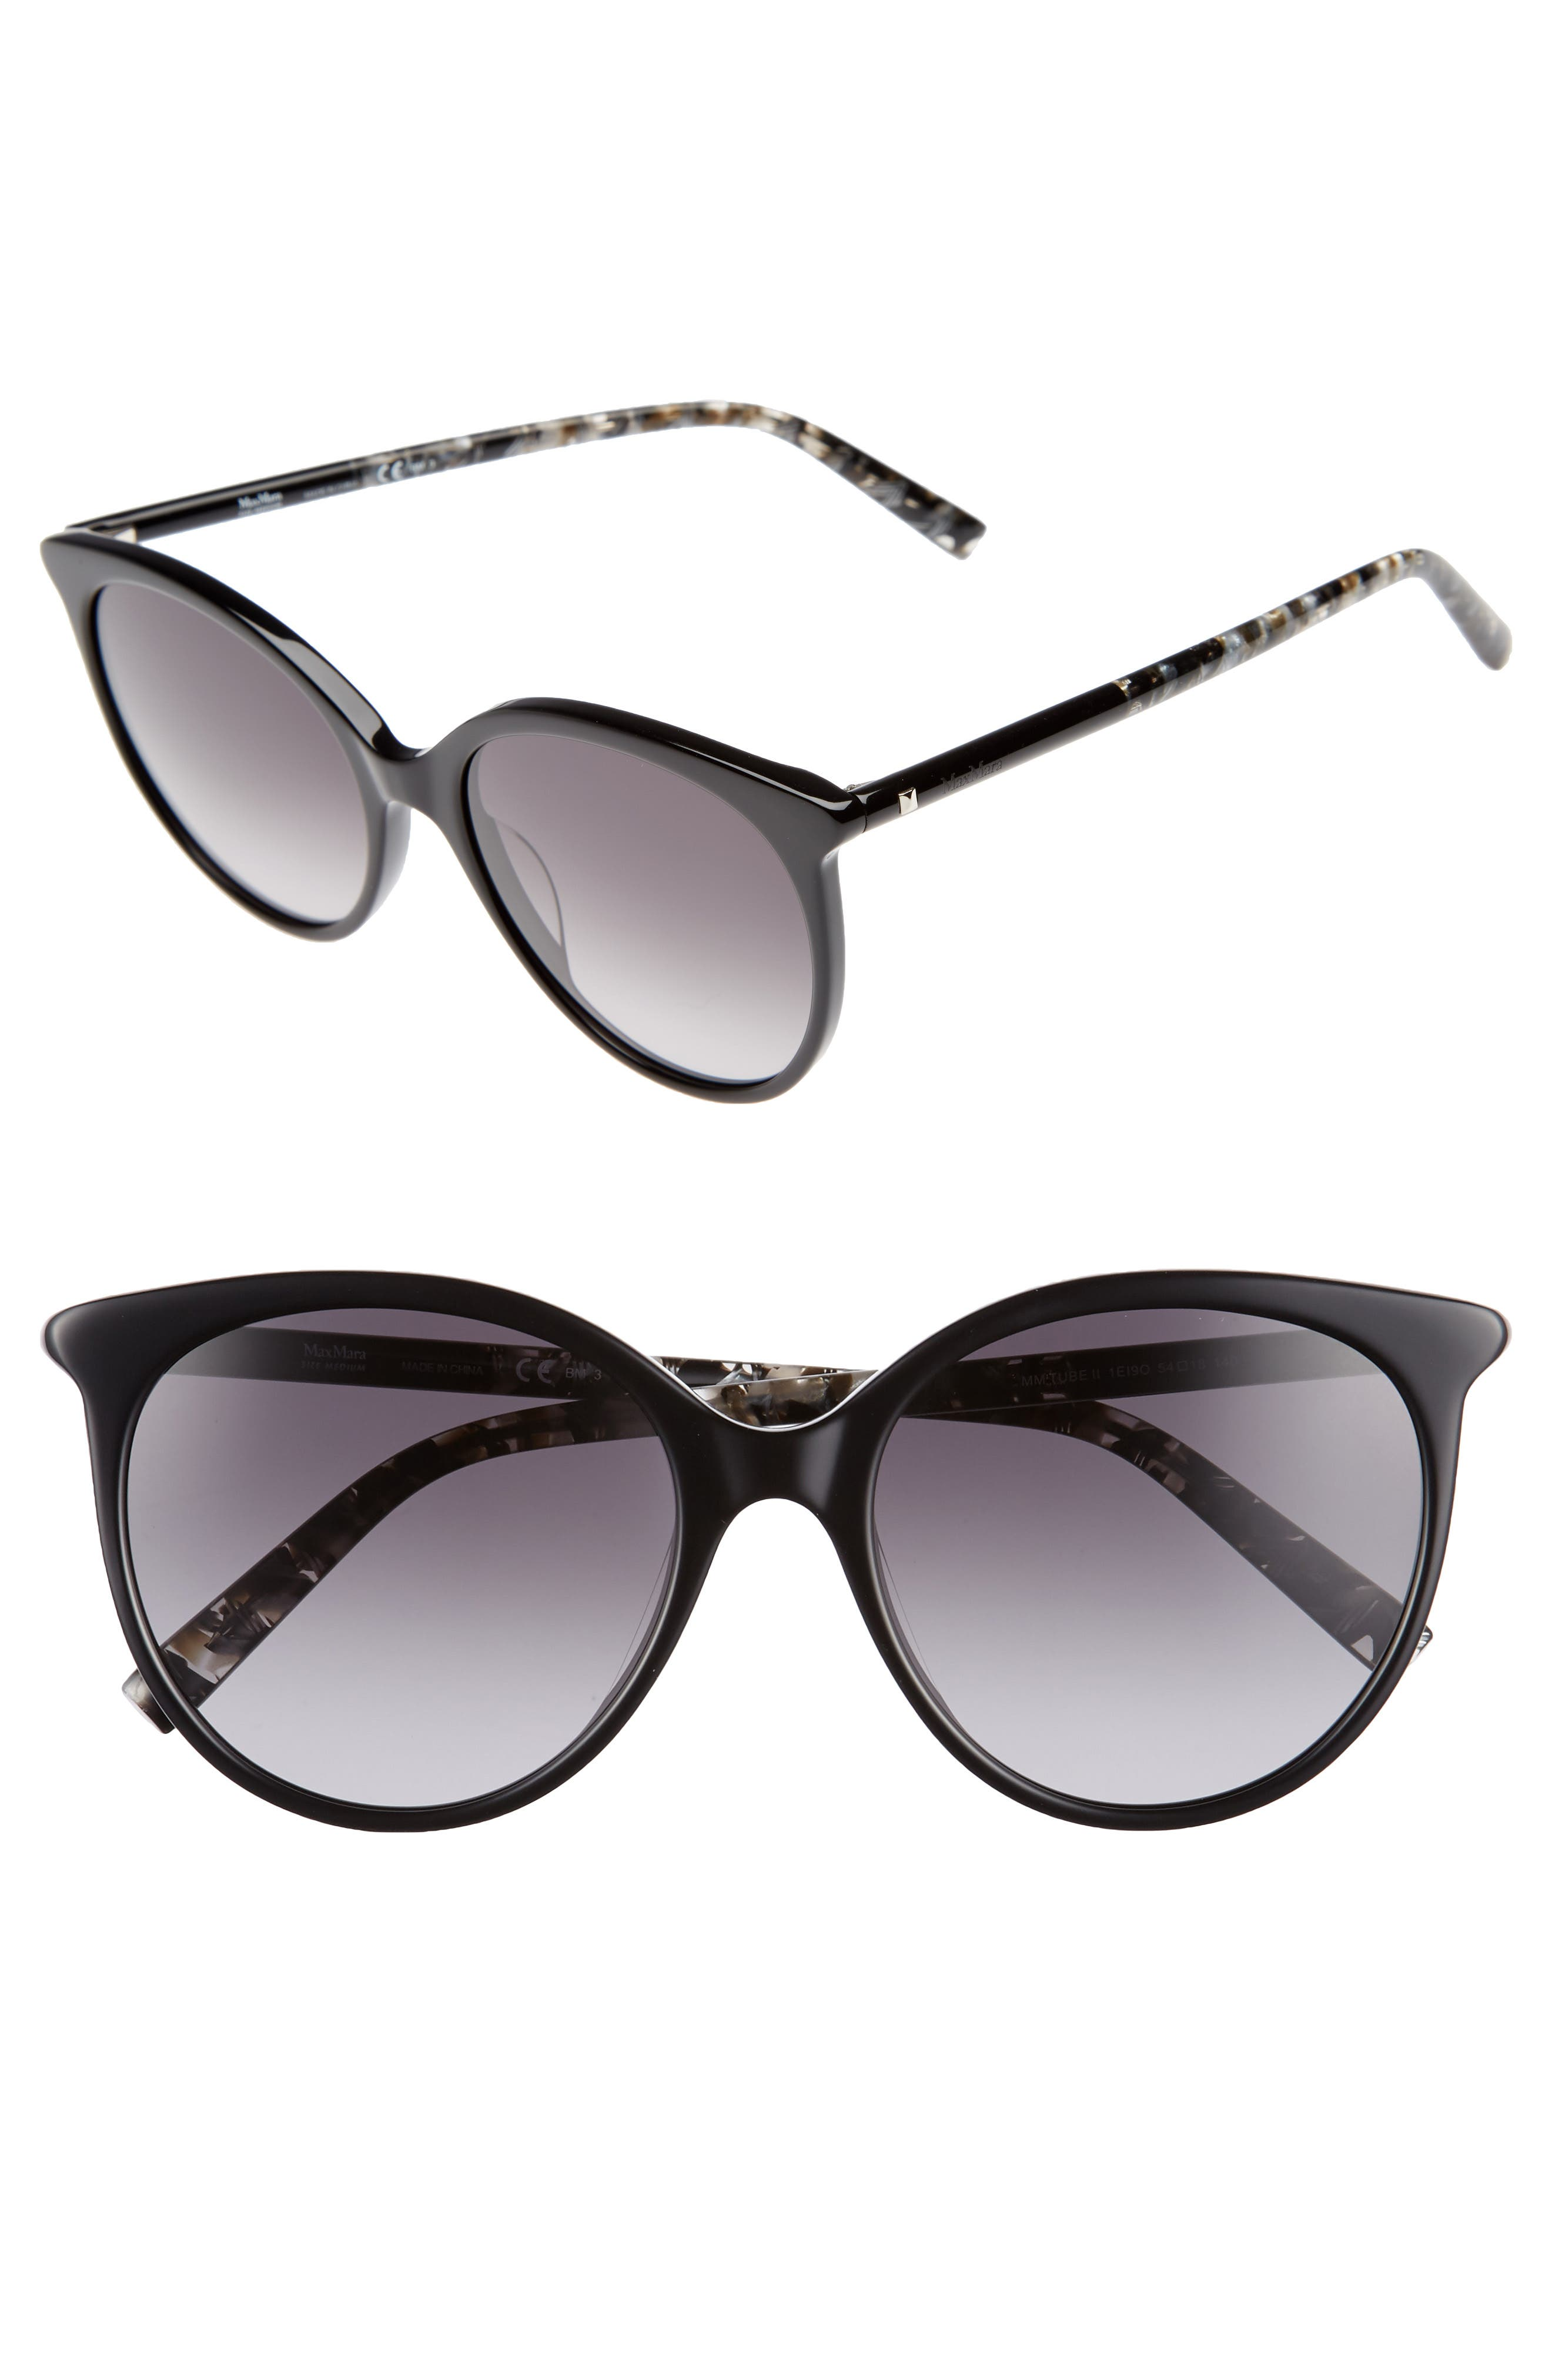 bbeb6301ae6 Max Mara Sunglasses for Women